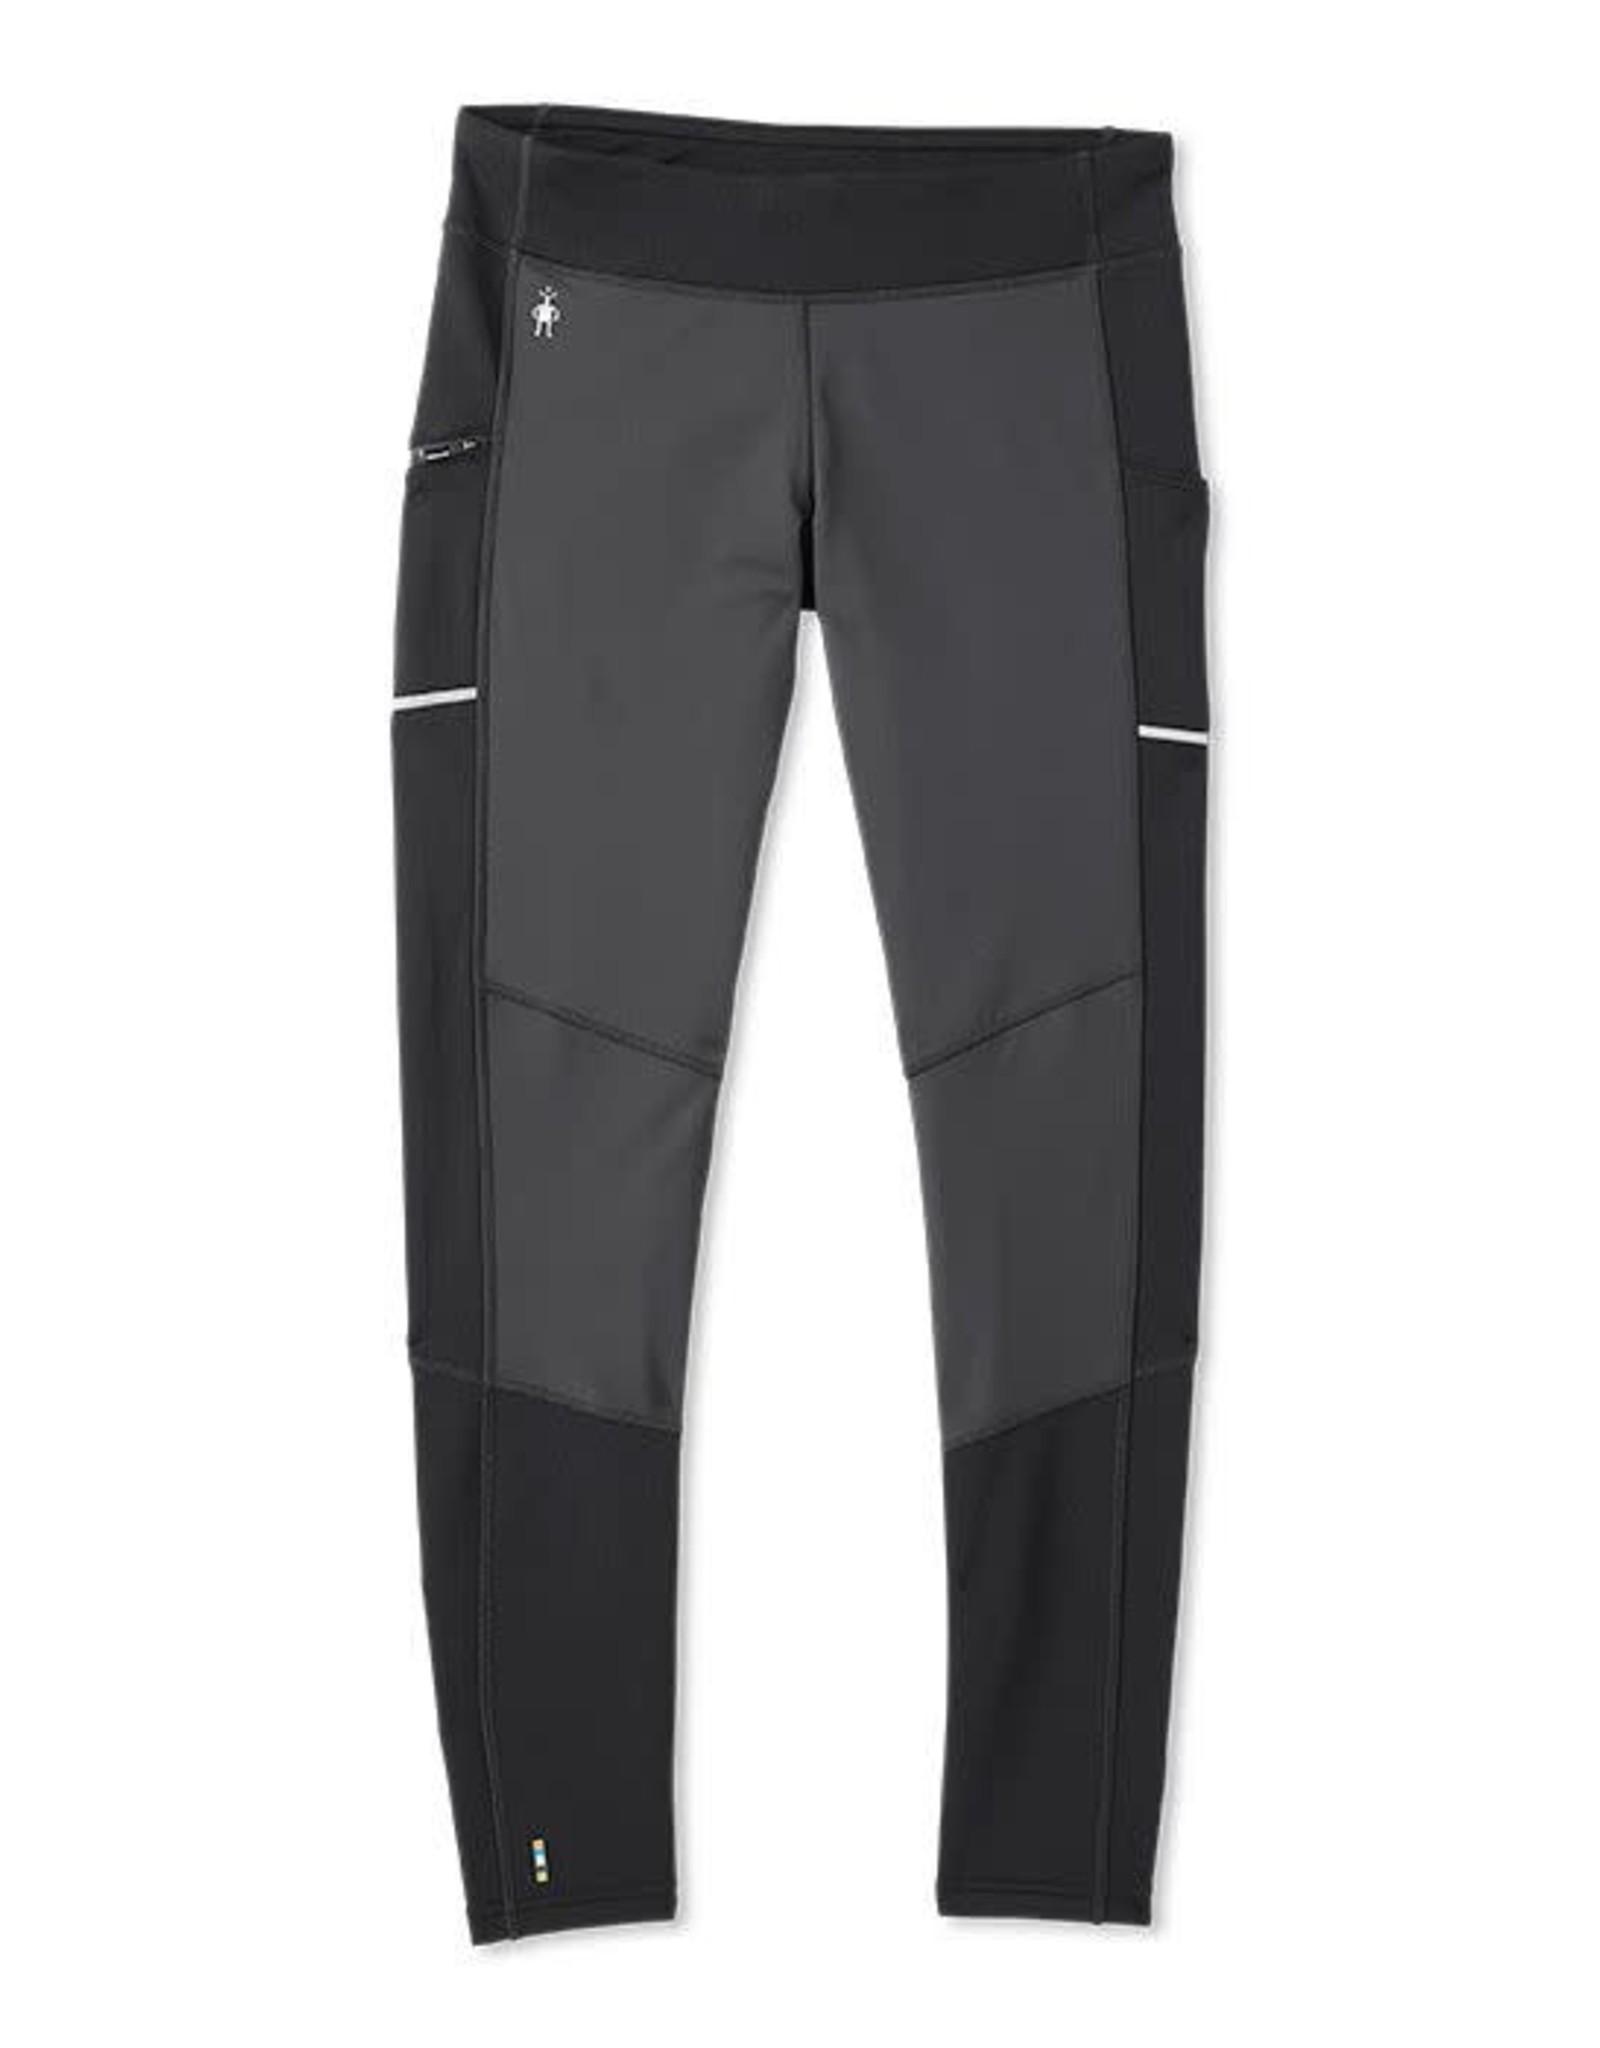 SMARTWOOL SmartWool Women's sport Fleece Wind tight black